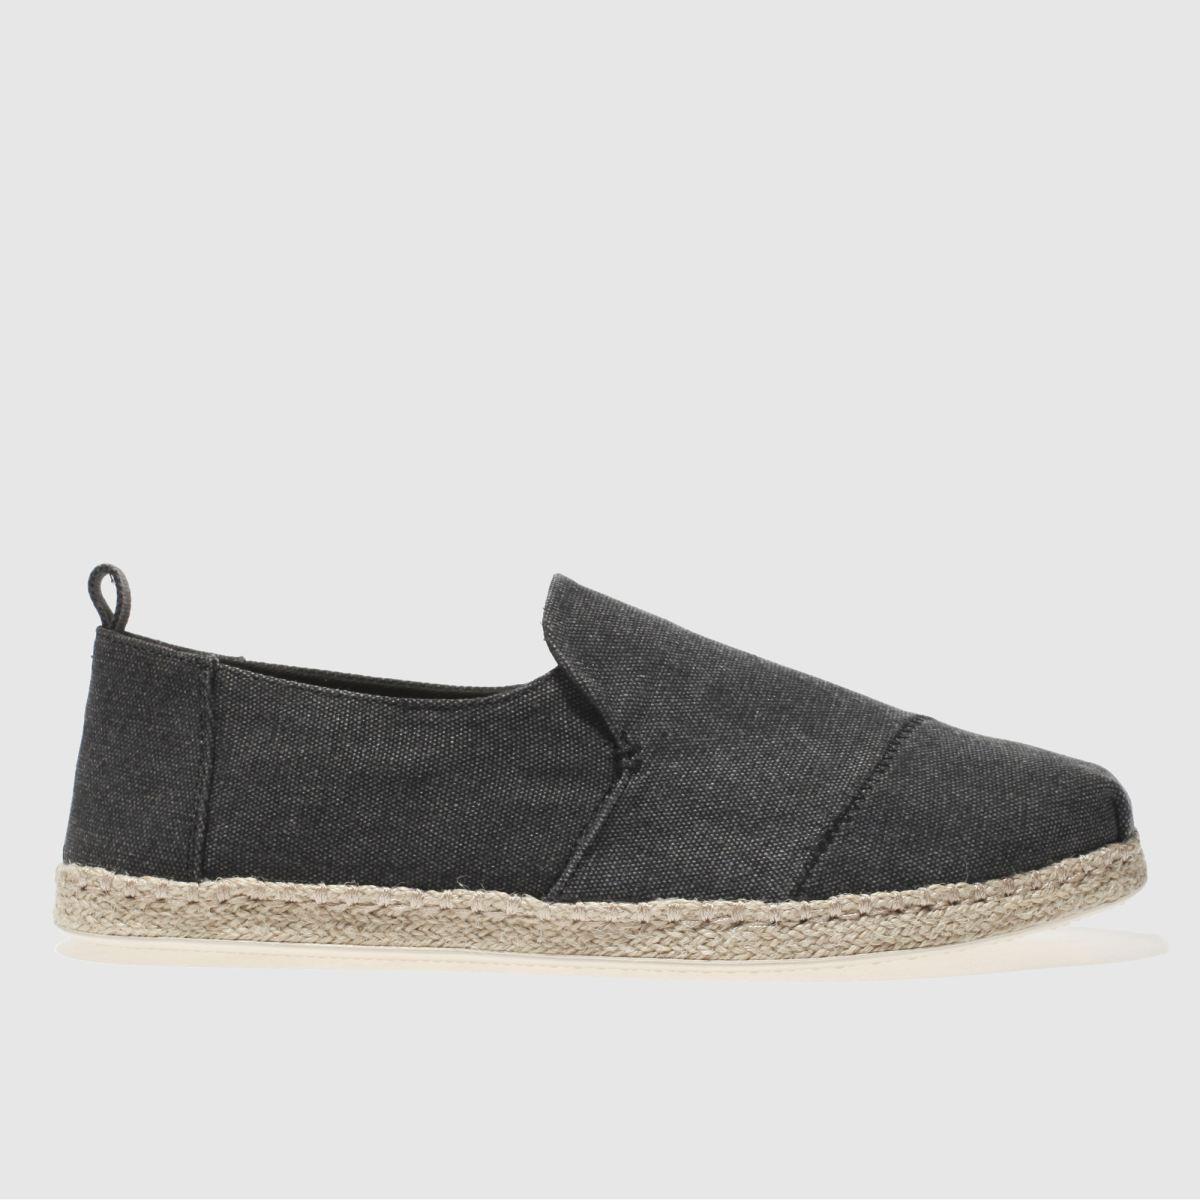 TOMS Toms Black Deconstructed Alpargata Shoes